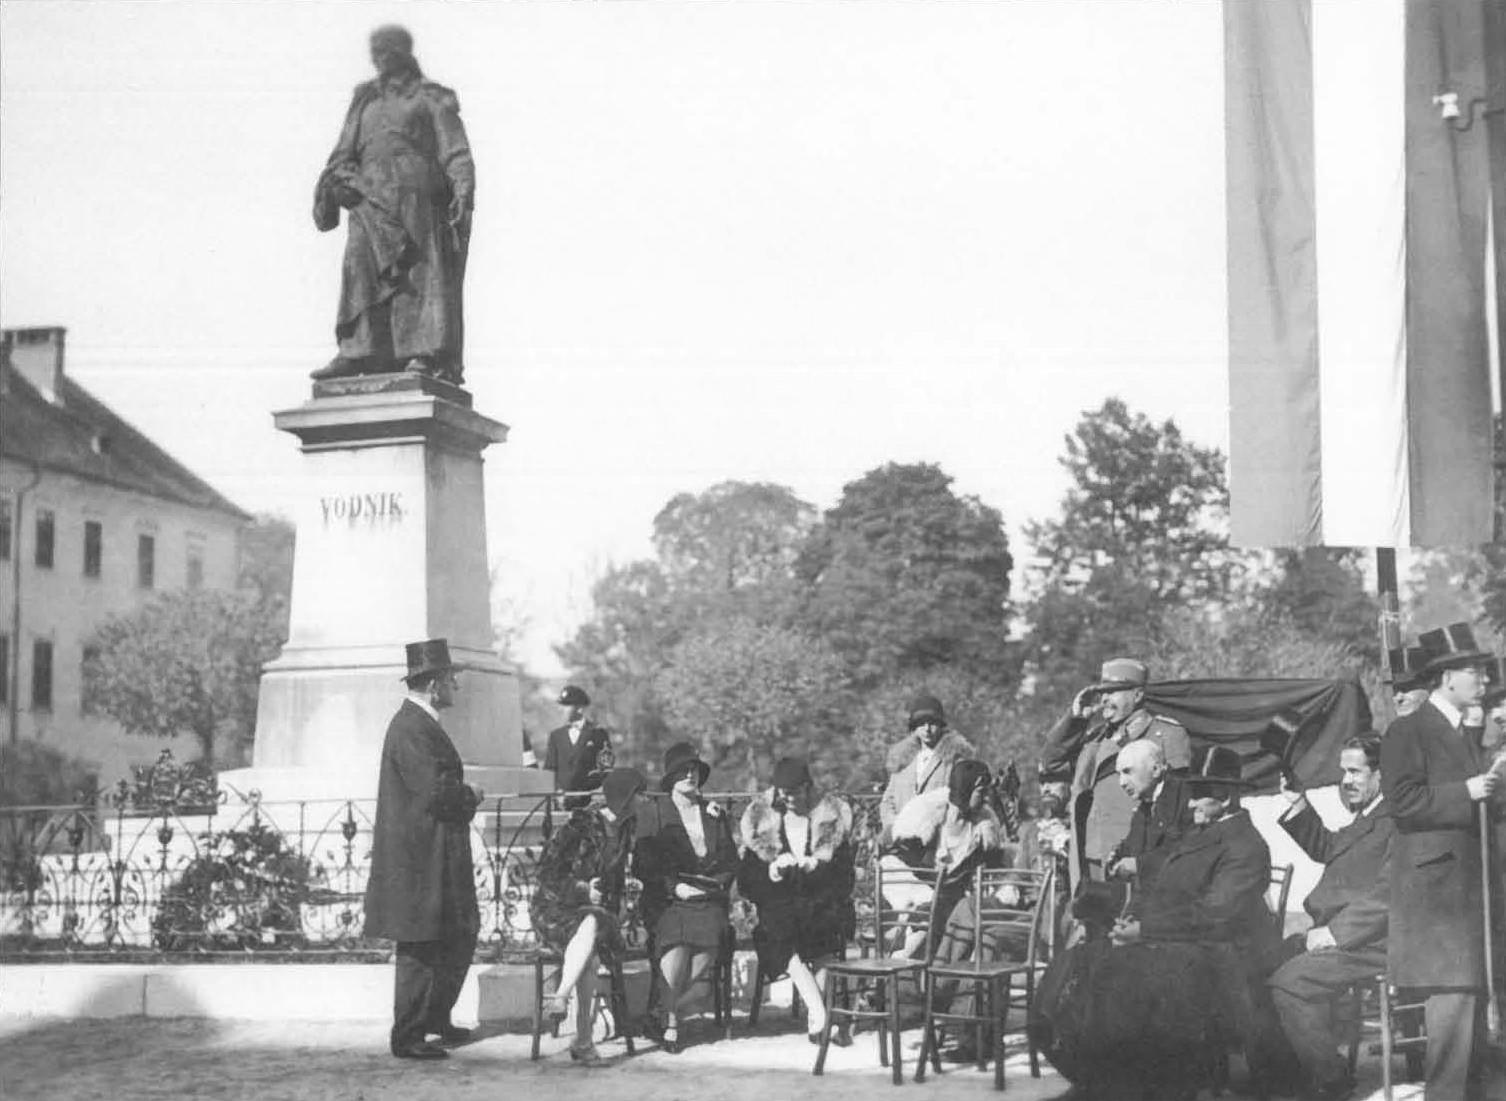 Proslava ob 120-letnici Napoleonove lIirije (1929).